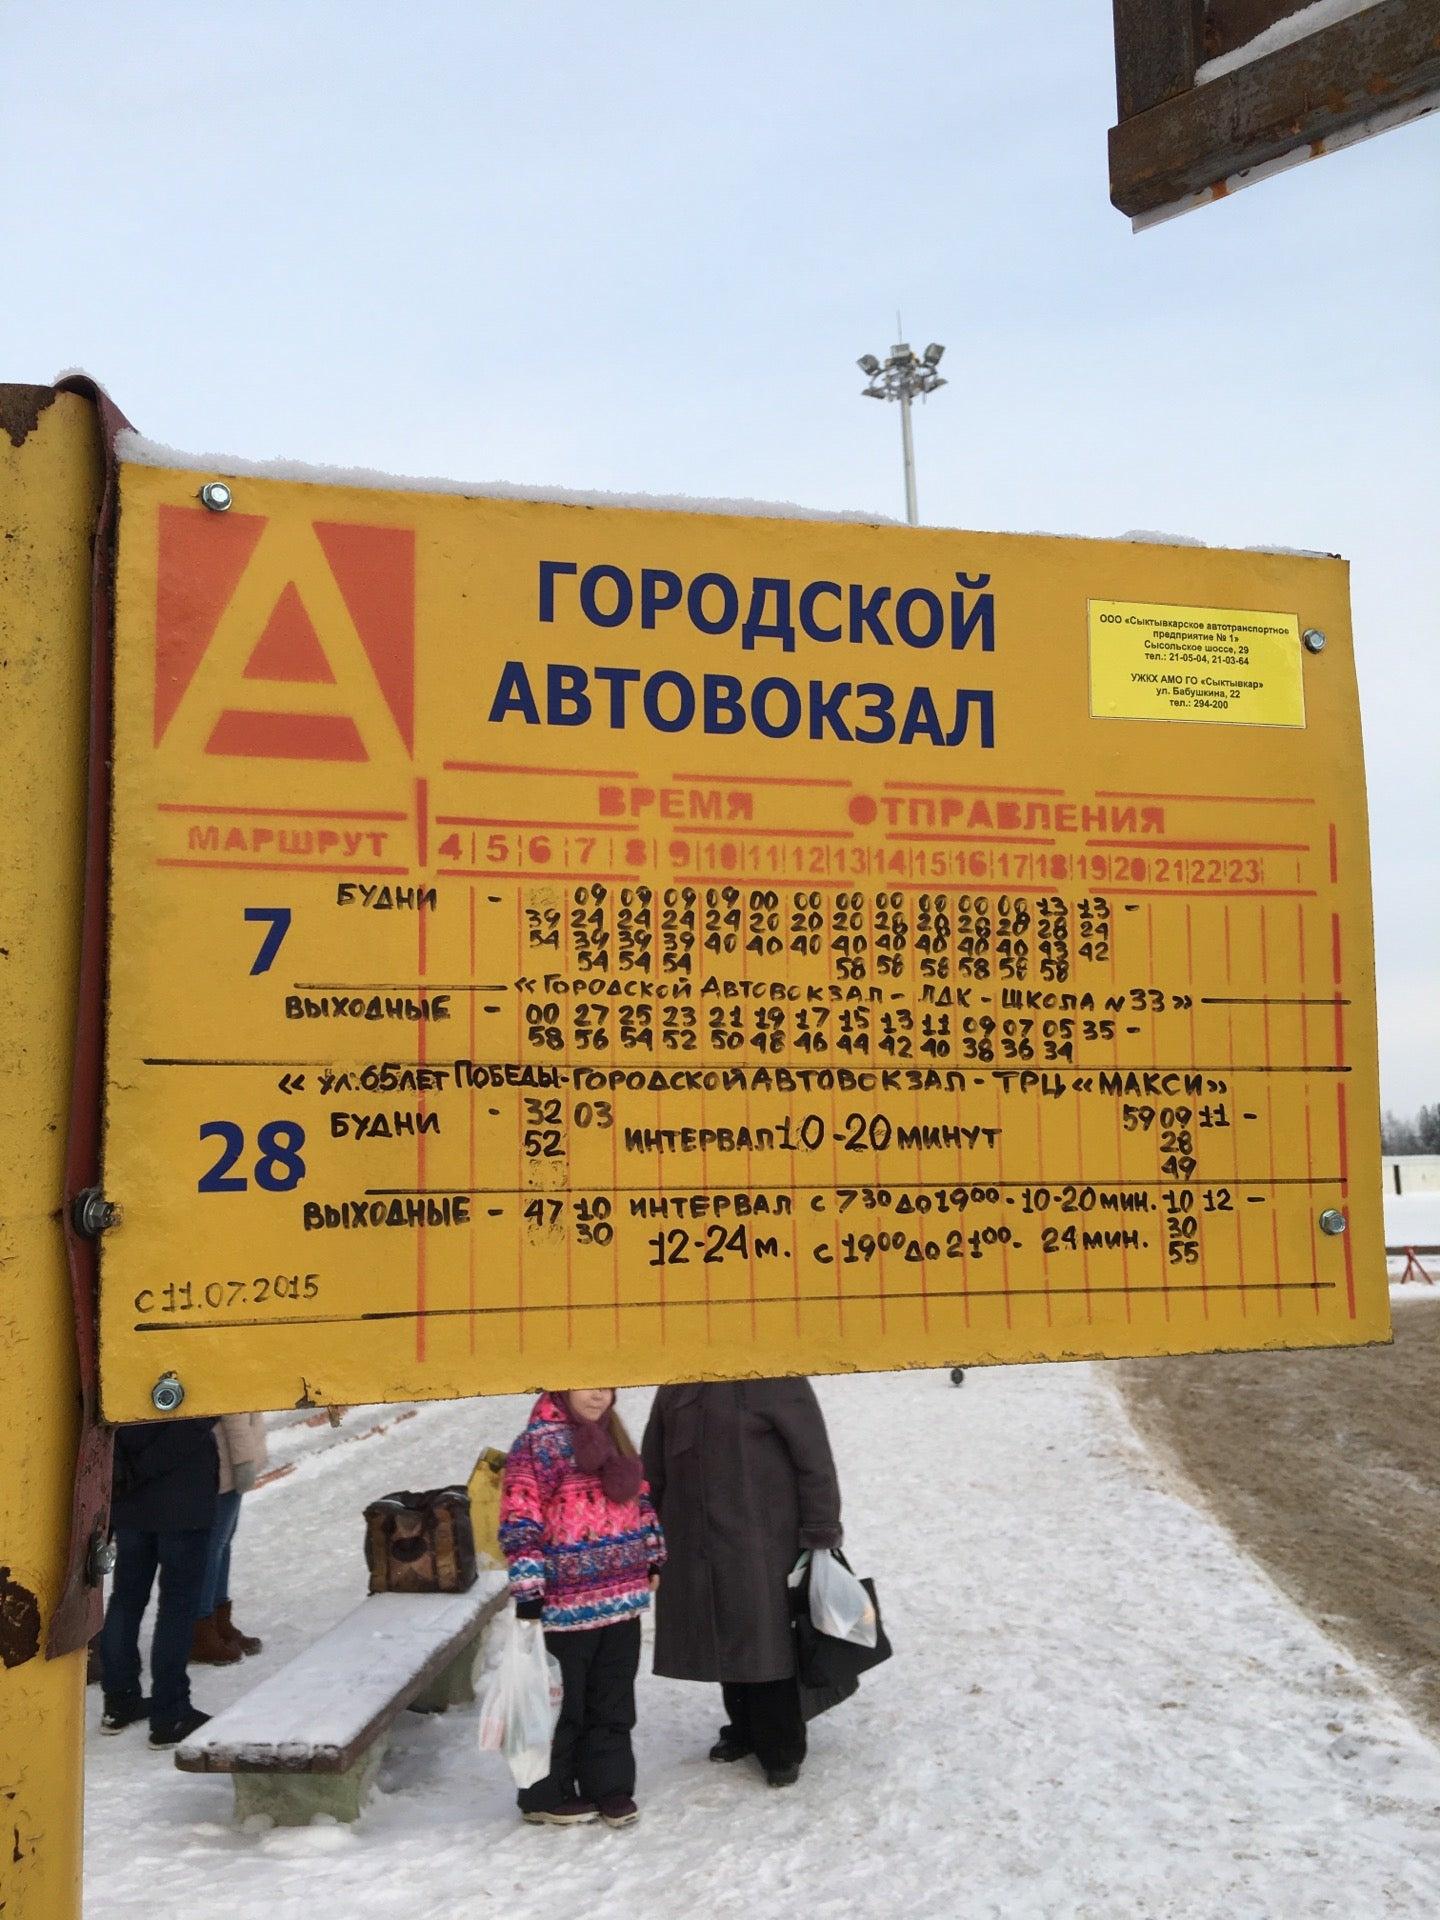 Автовокзал, г. Сыктывкар фото 1